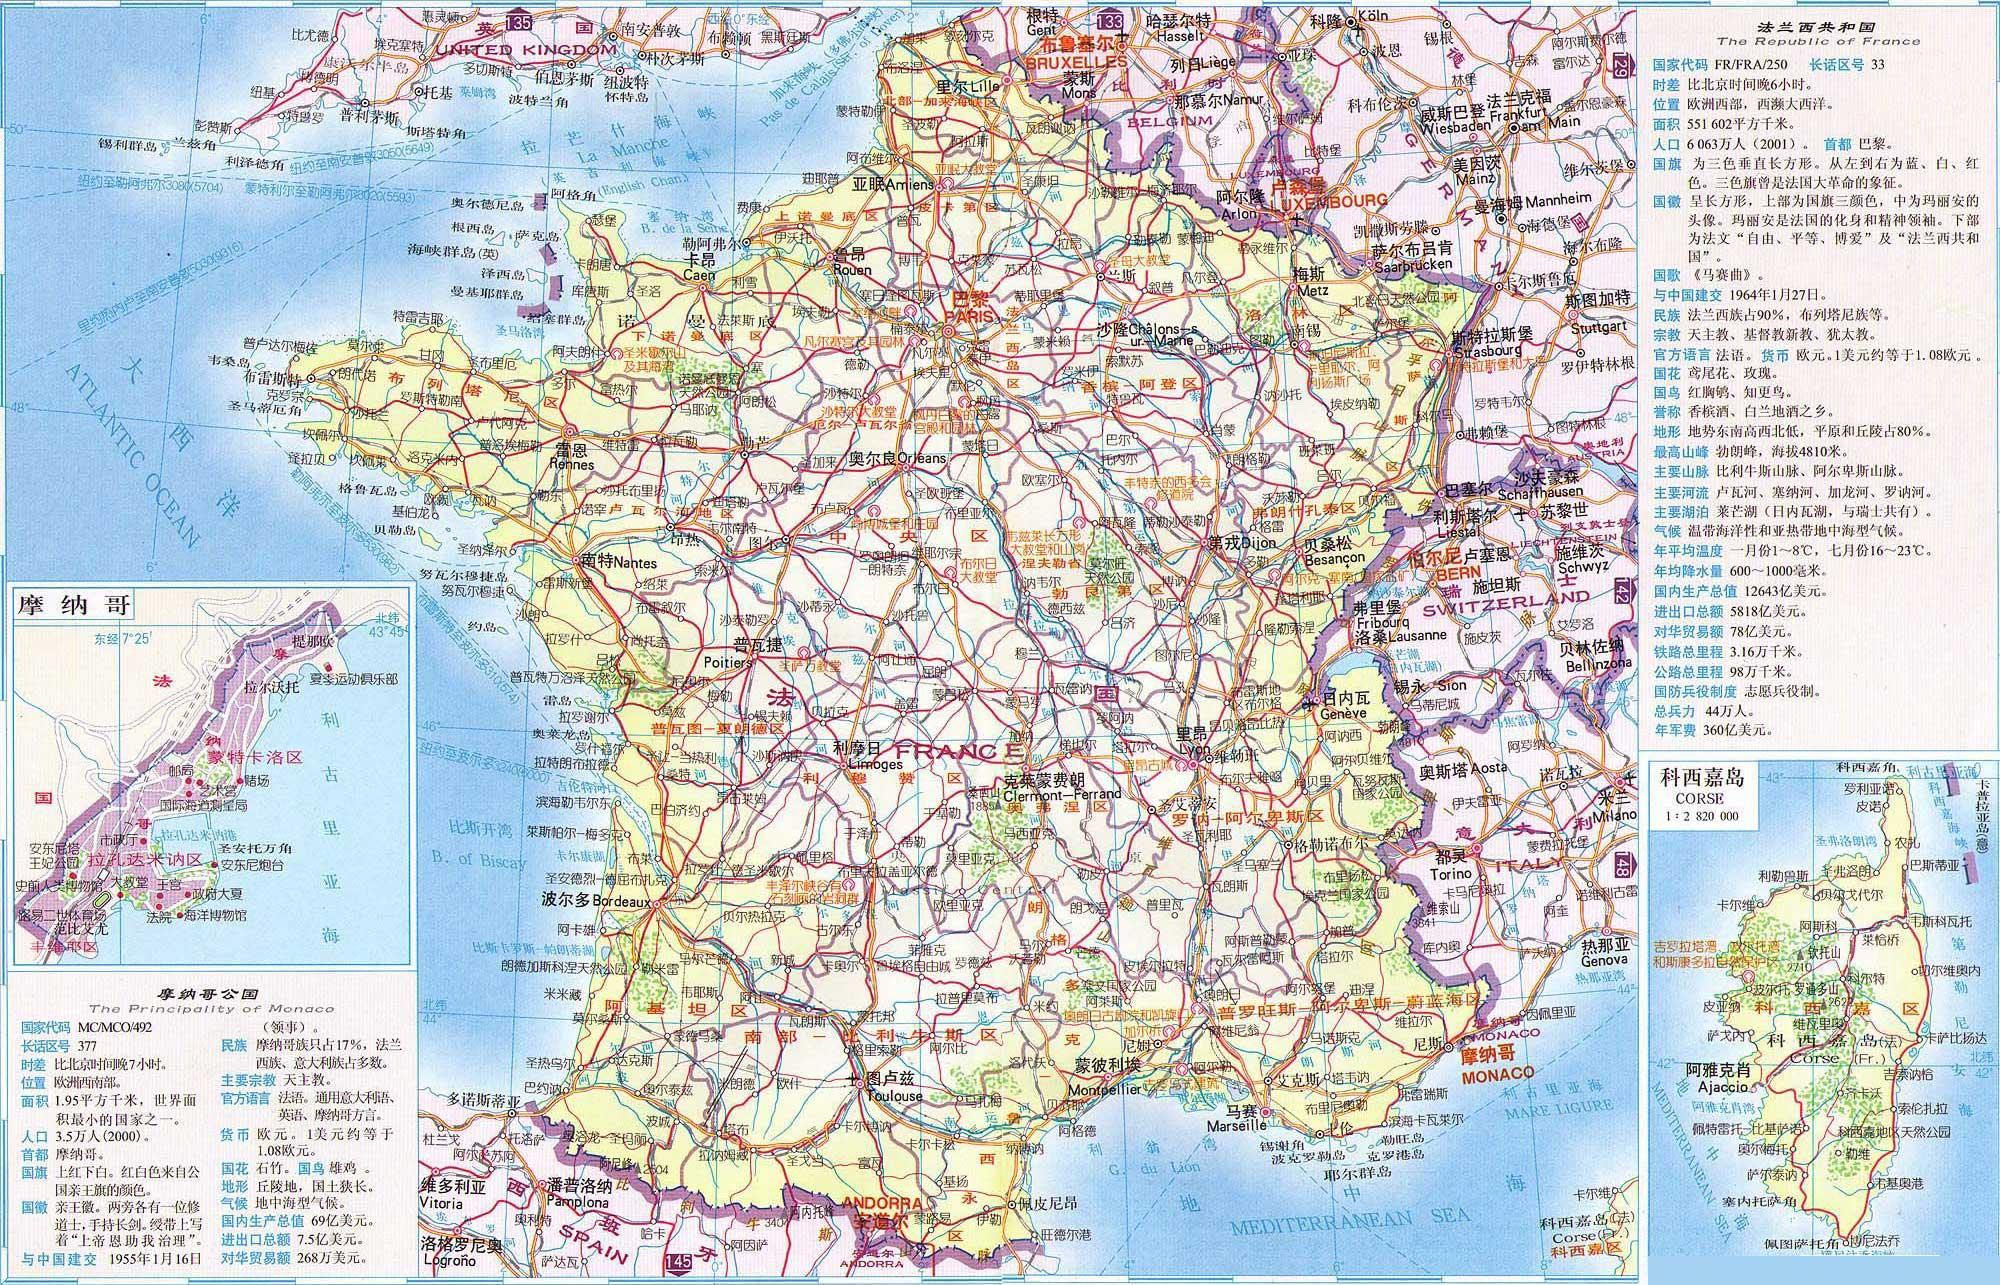 法国拉茺$hz$!:ad�n�9f�_法国地图